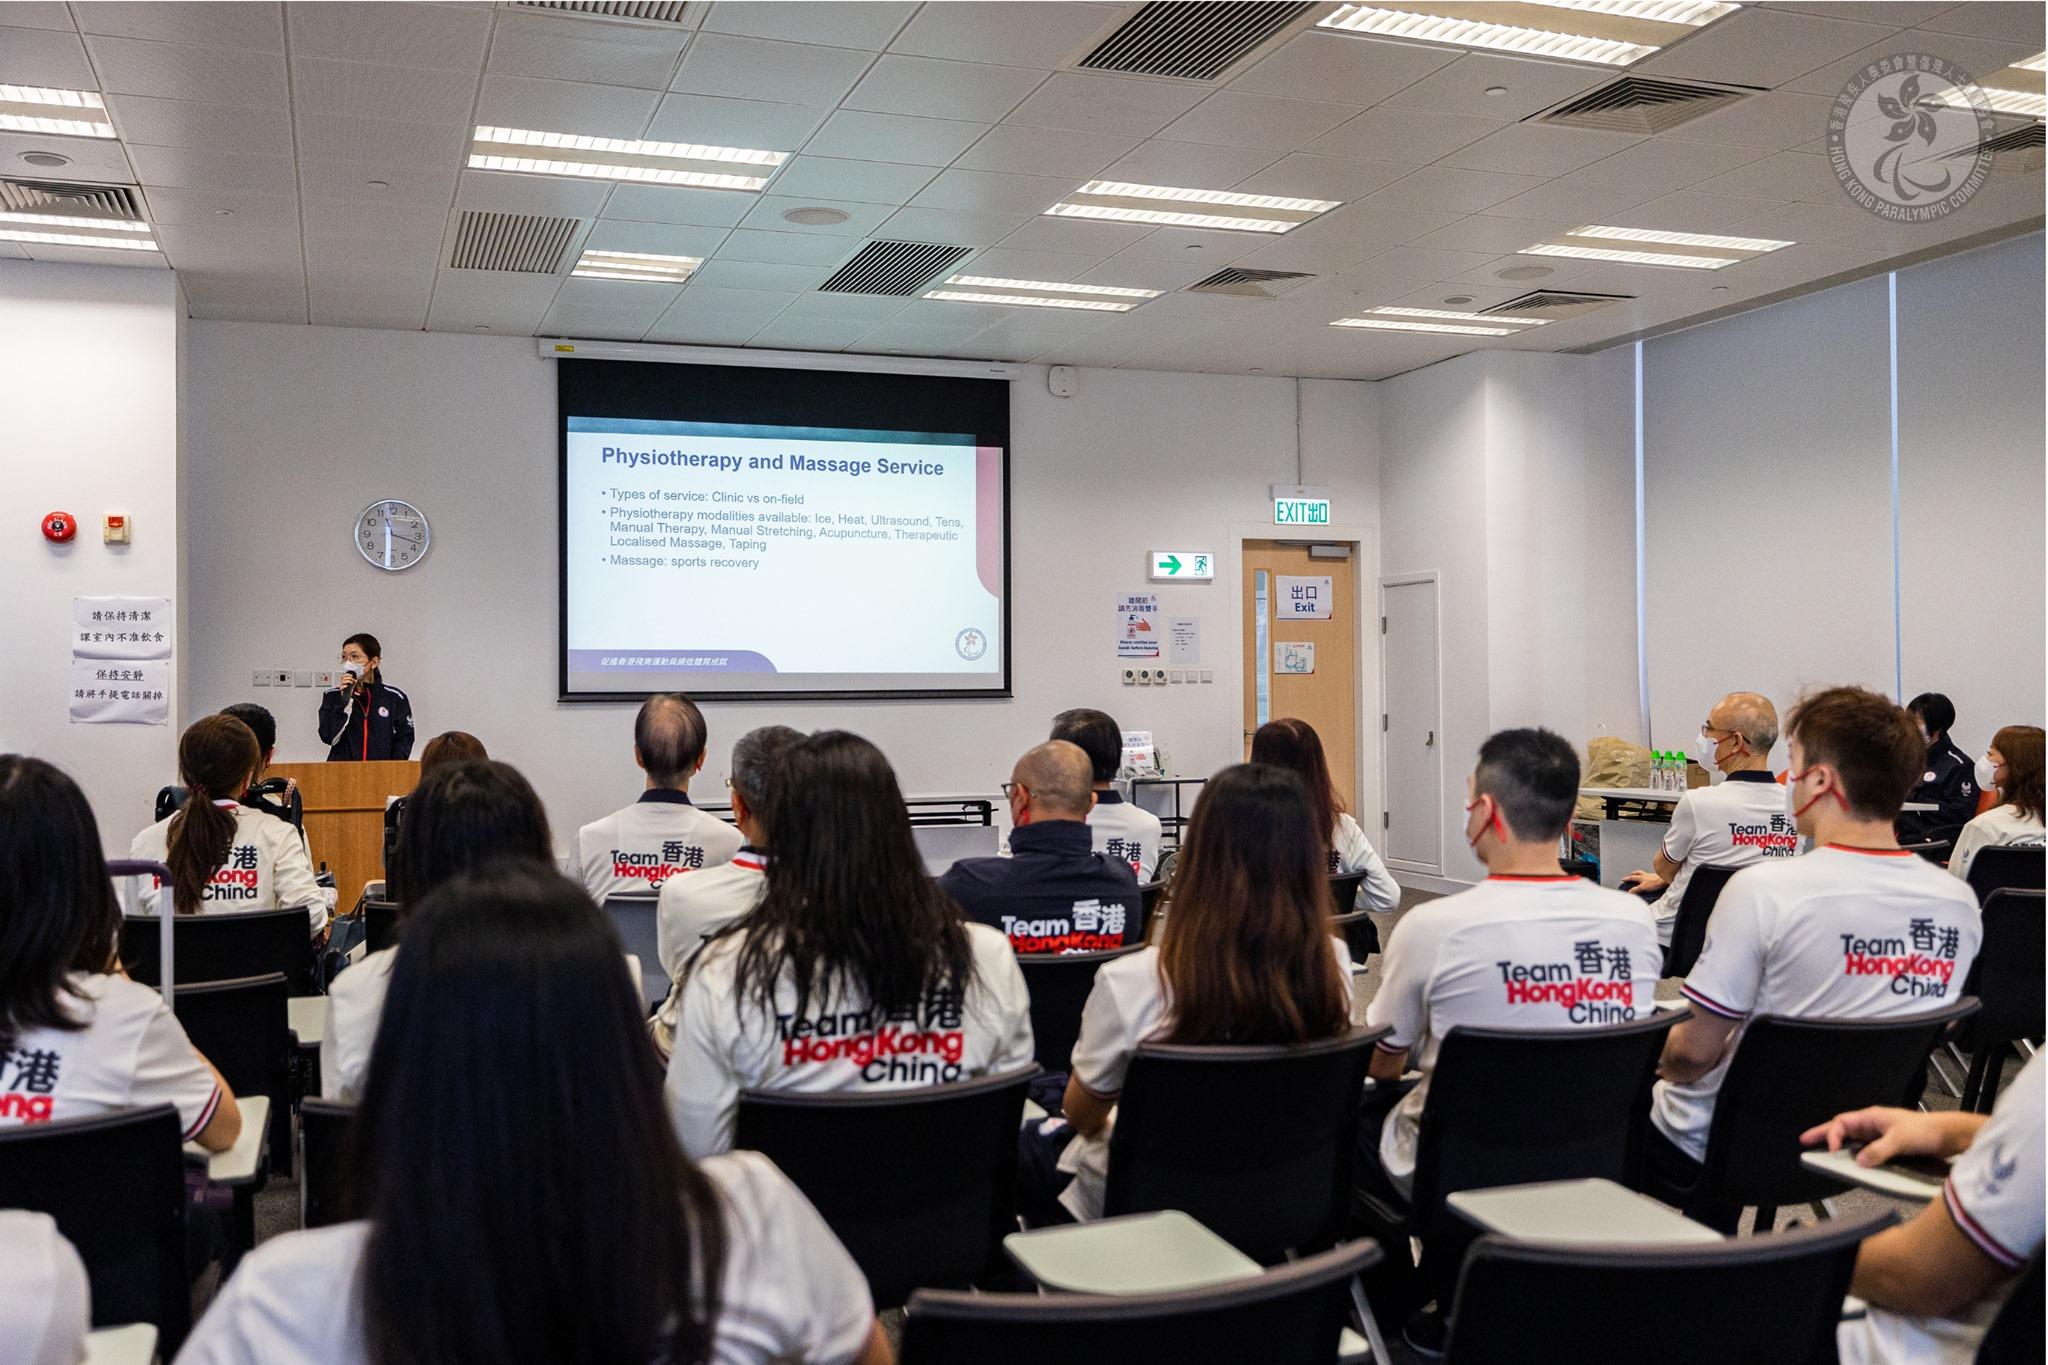 東京2020殘疾人奧運會香港代表團會議及模擬訓練營